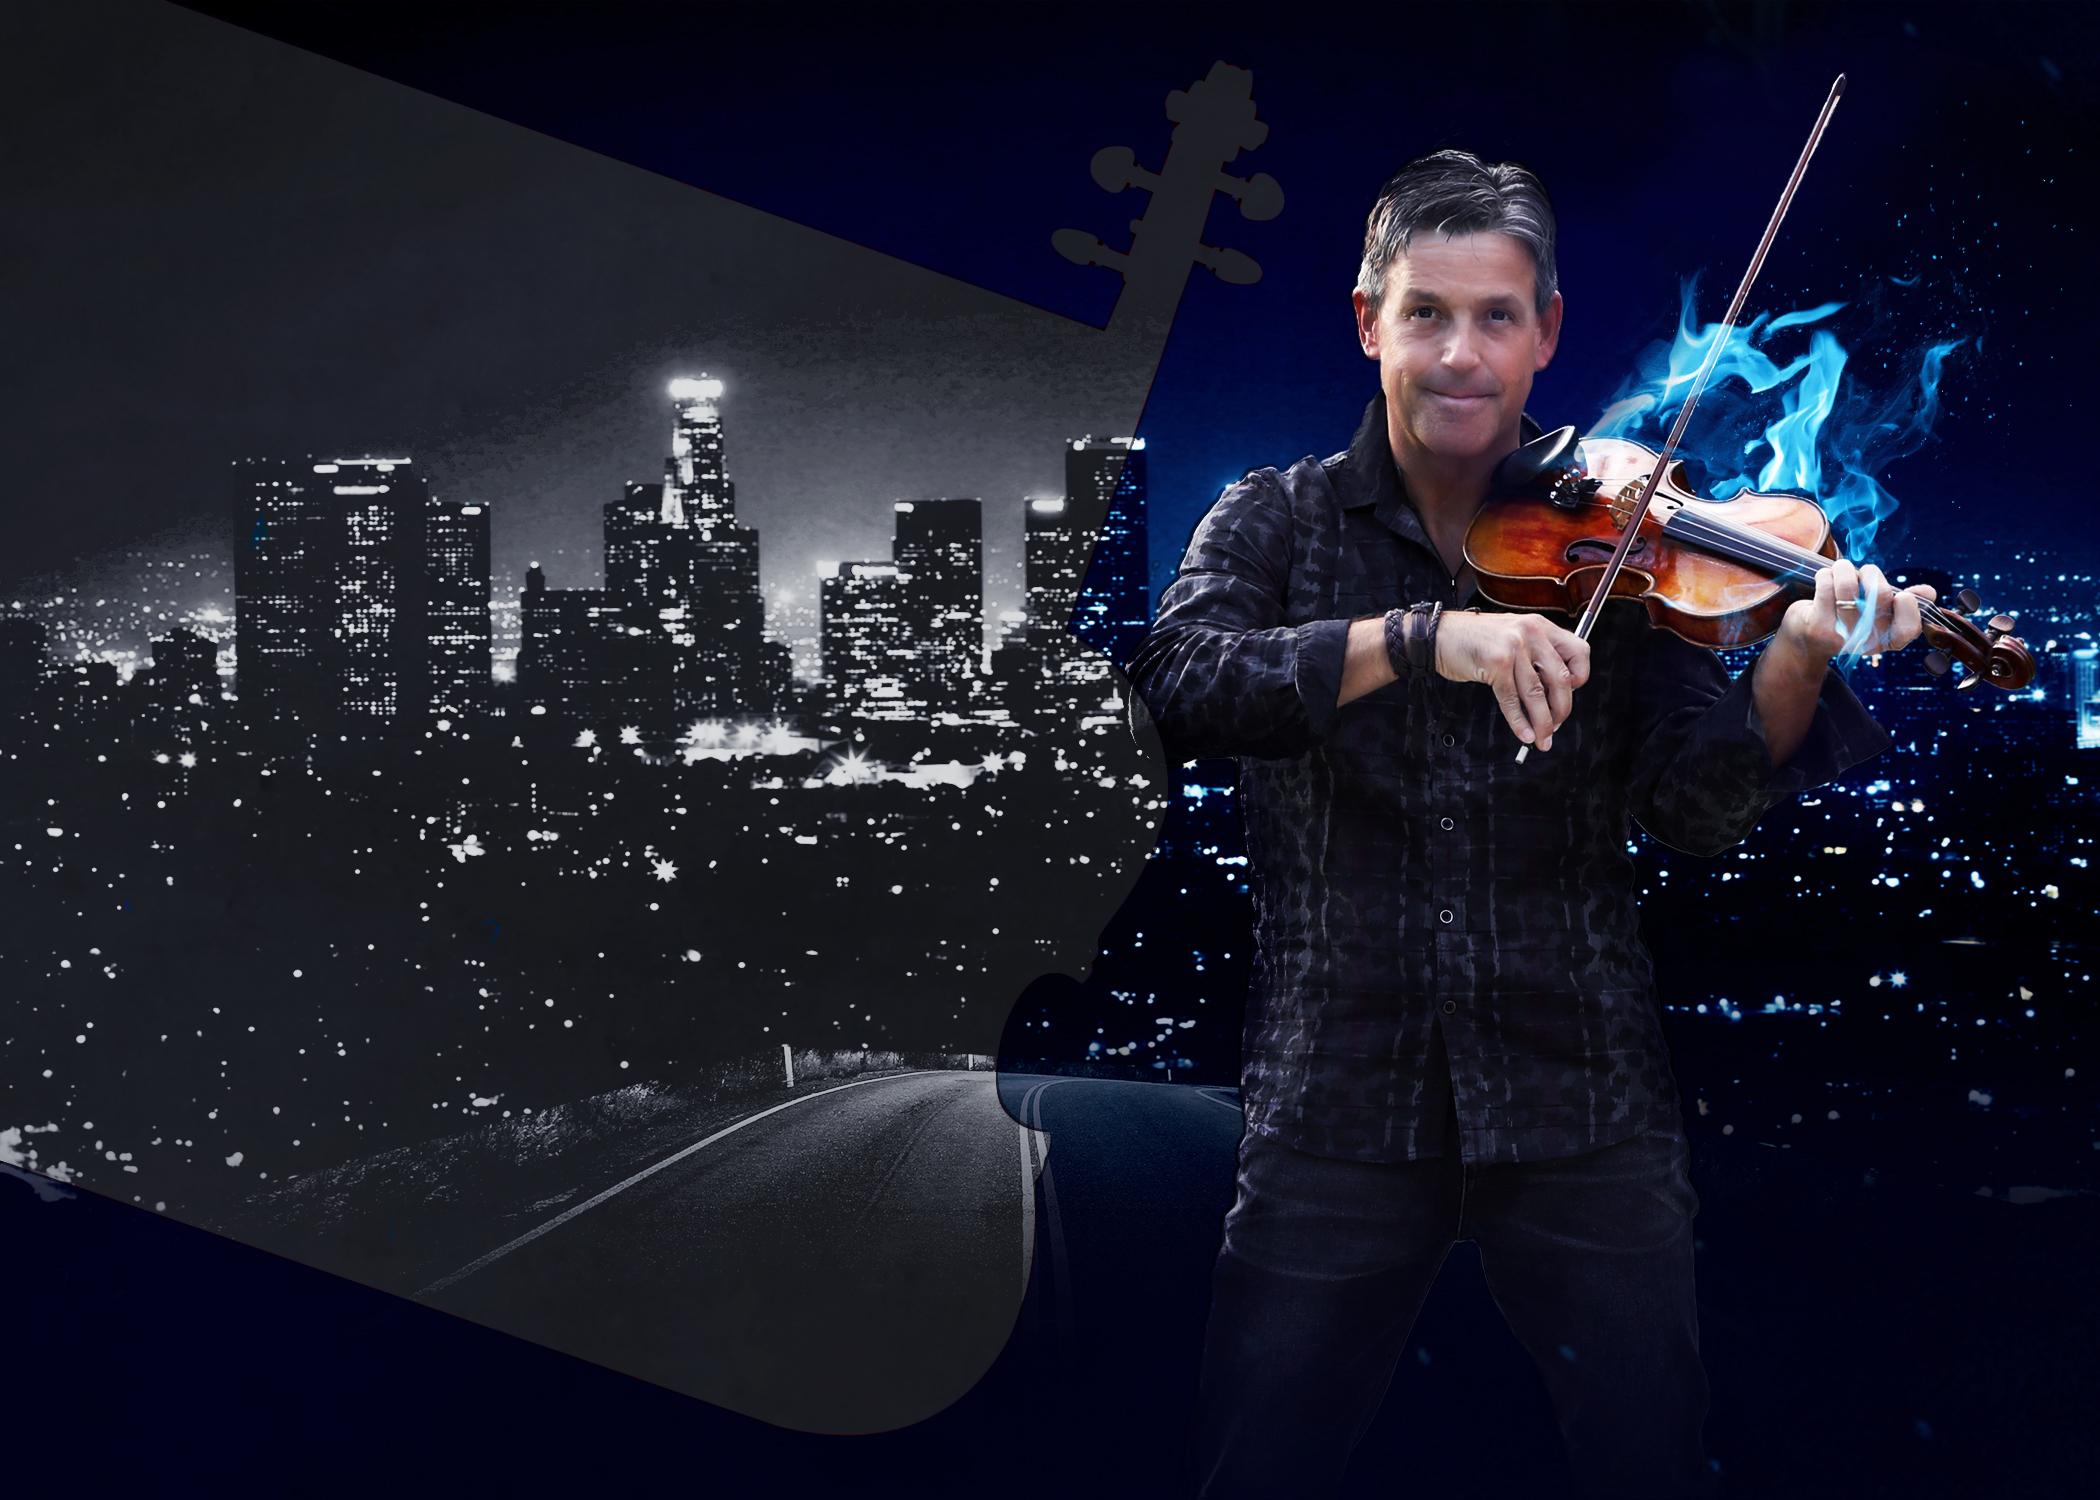 gary-lovini-king-of-strings